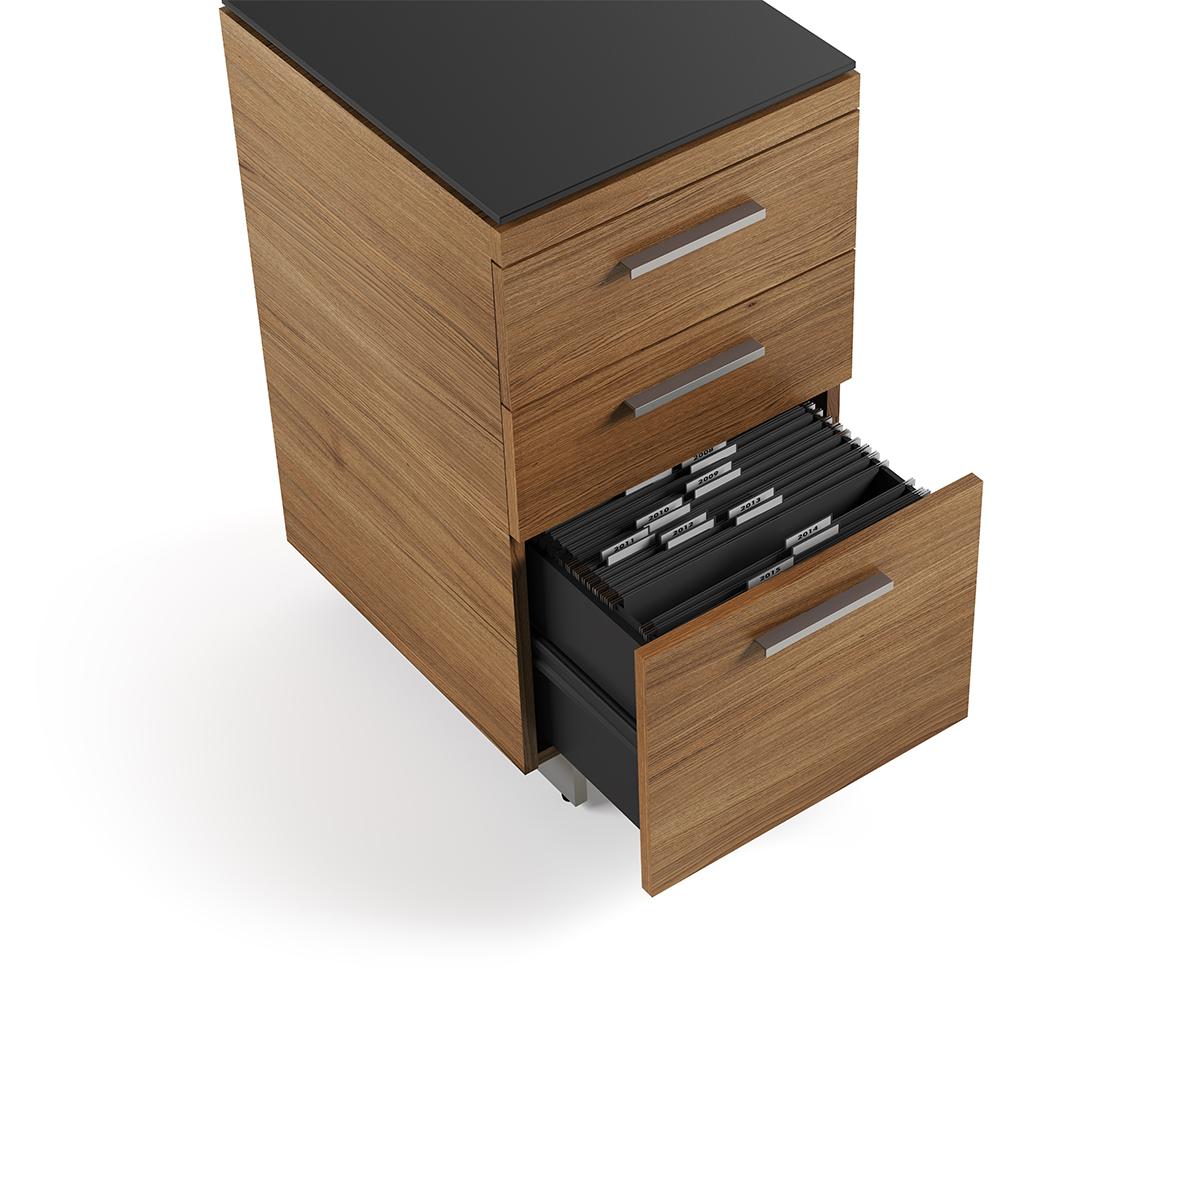 Beau Versatile Storage Solution